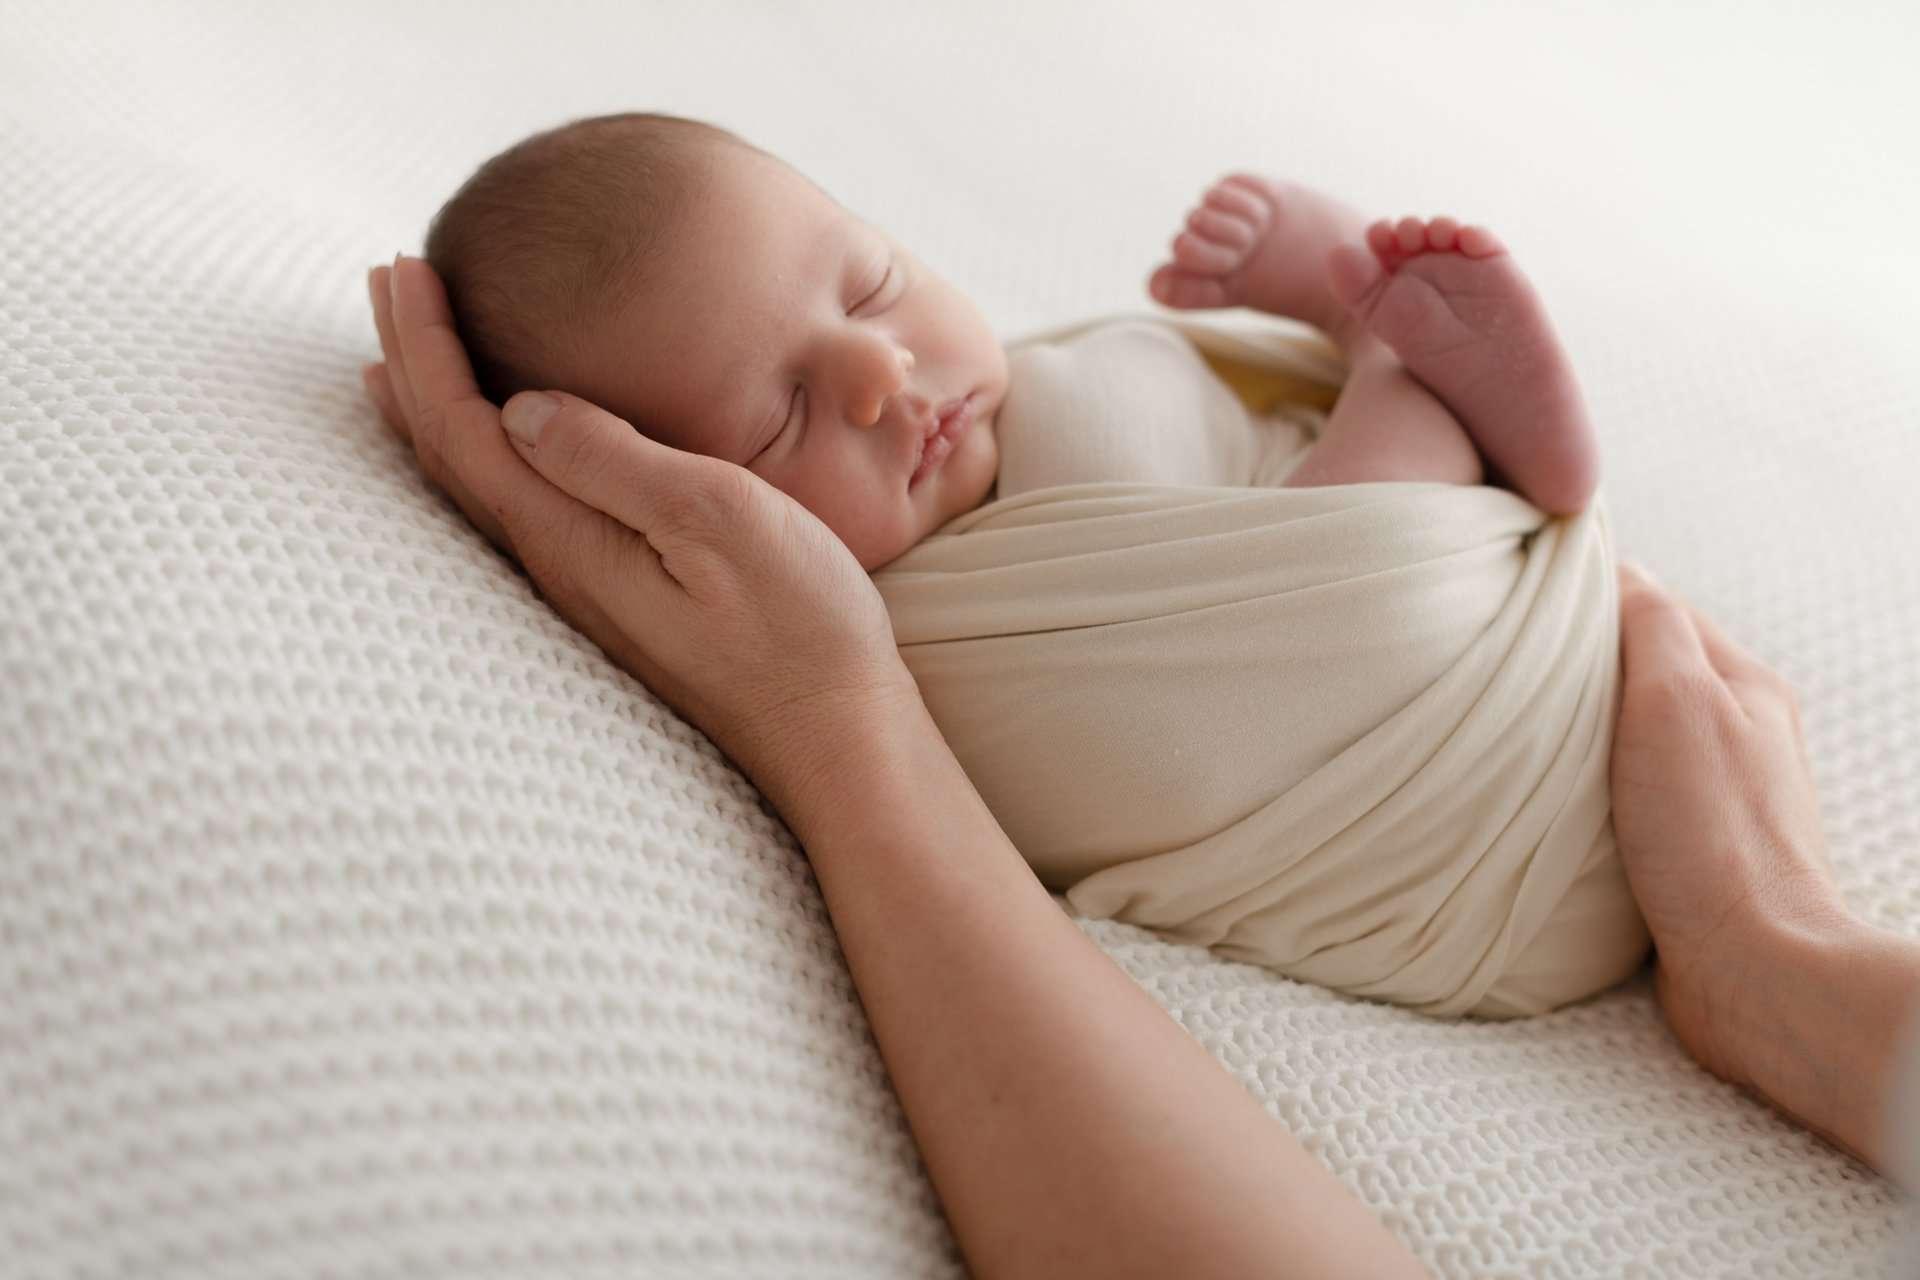 Fotografia neonato su coperta crema